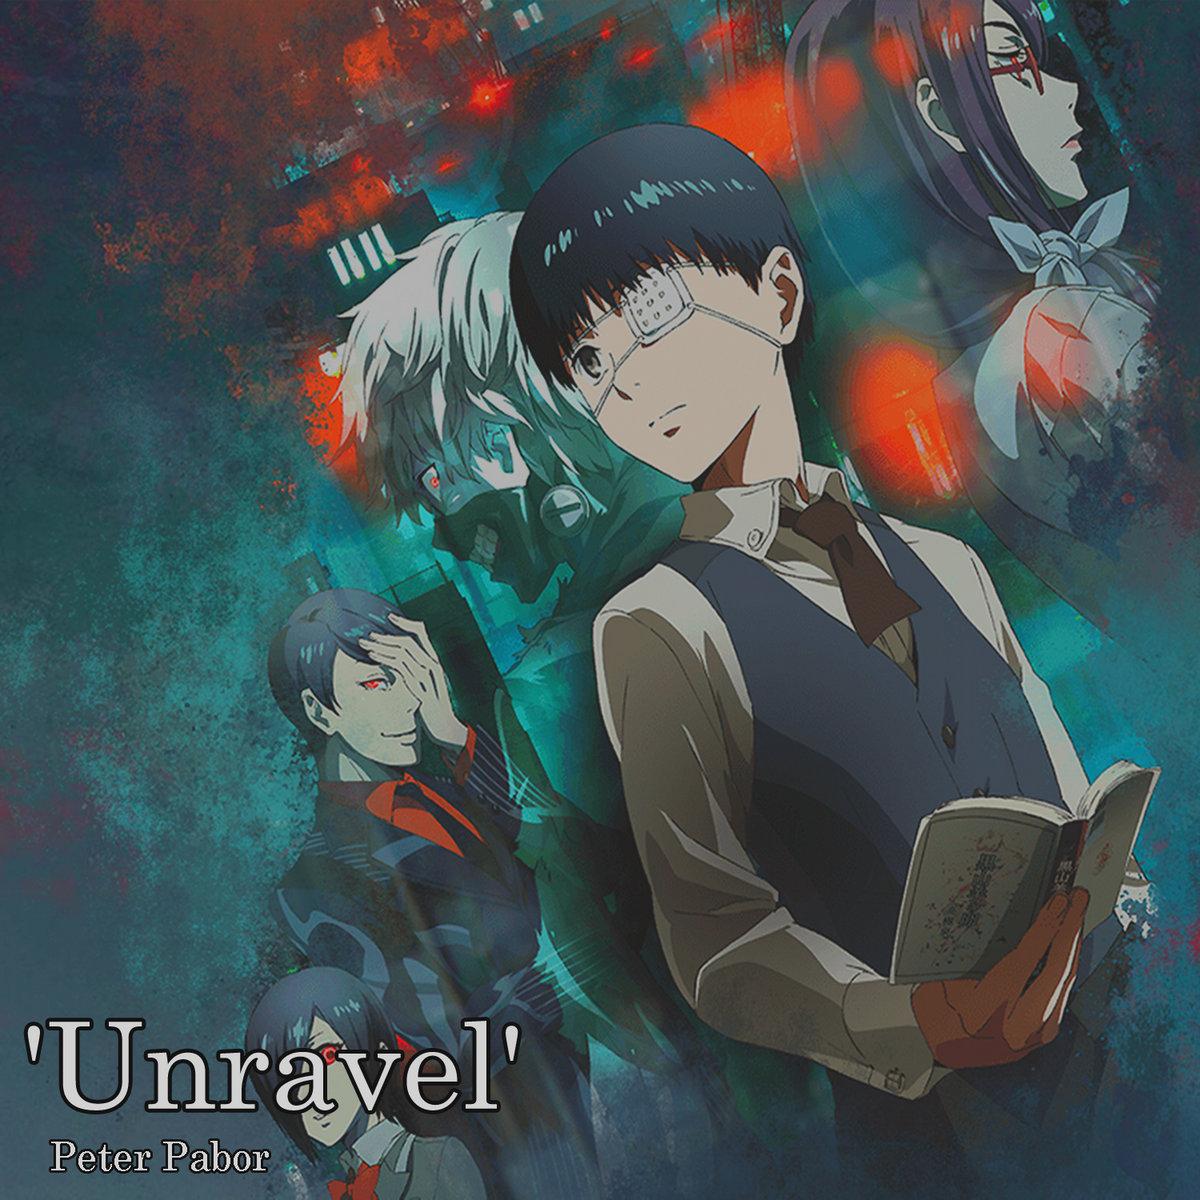 Tokyo Ghoul OP - 'Unravel'